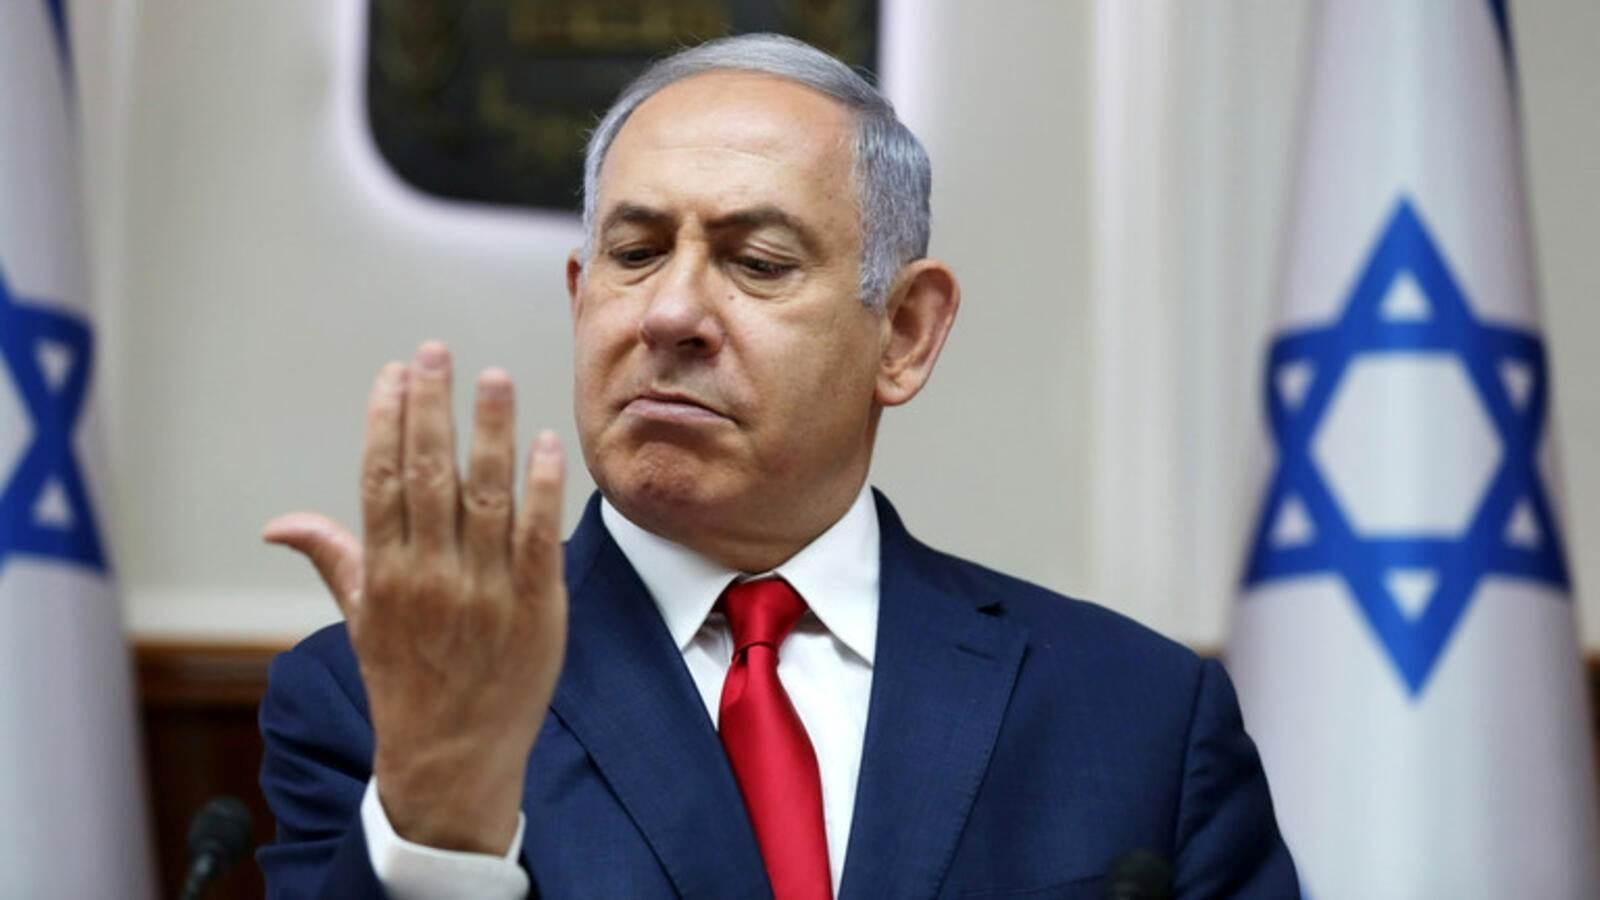 """منظمة إسرائيلية: عدد ضحايا كورونا في """"إسرائيل"""" أعلى مما يتم تداوله"""